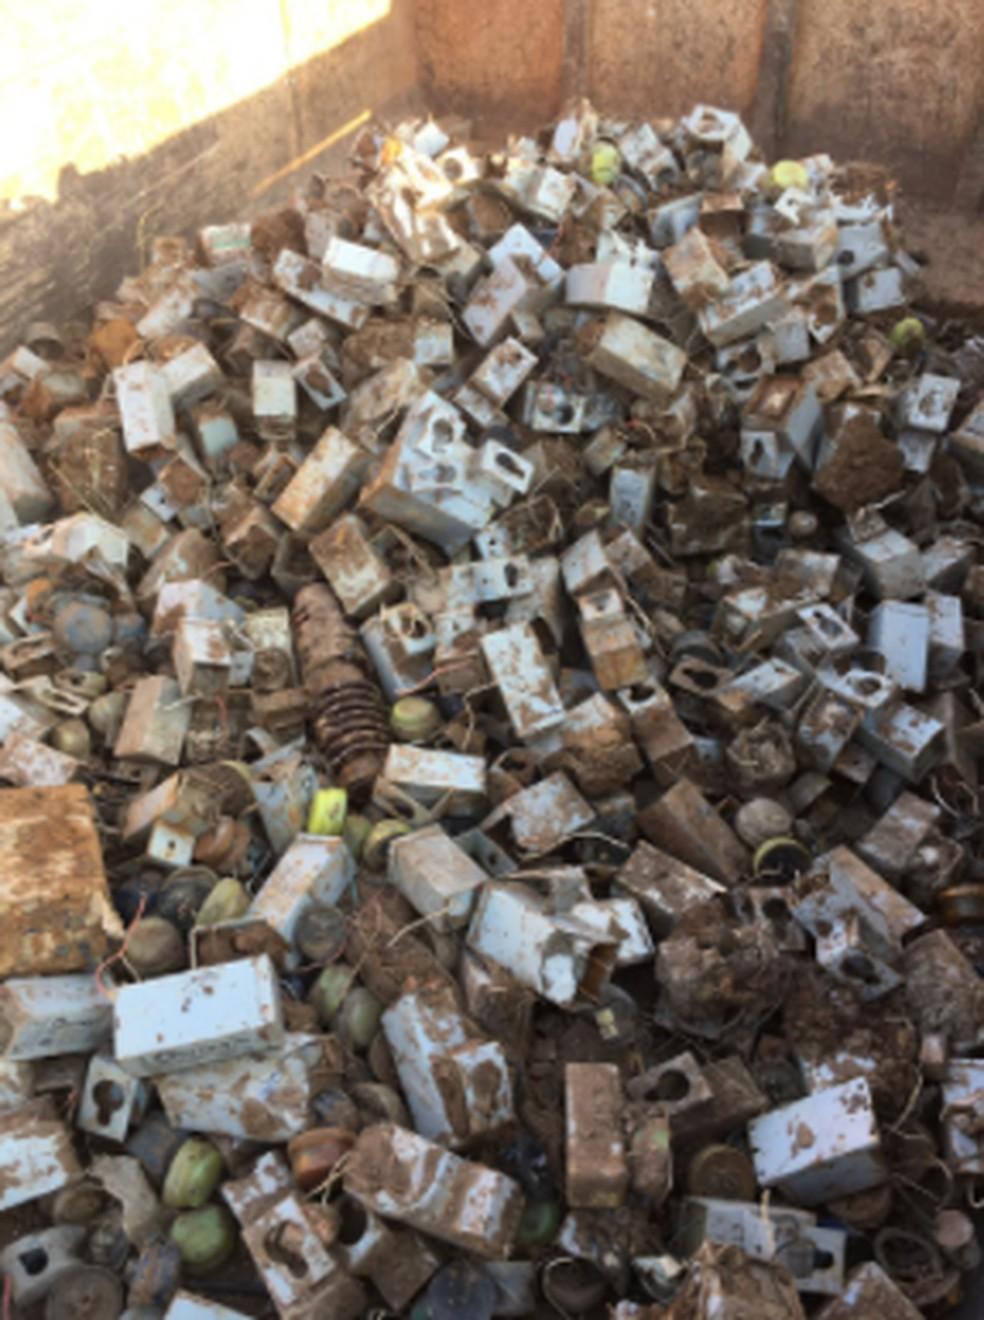 Polícia encontra lâmpadas e reatores enterrados de forma irregular em lixão de Rio Branco após buscas